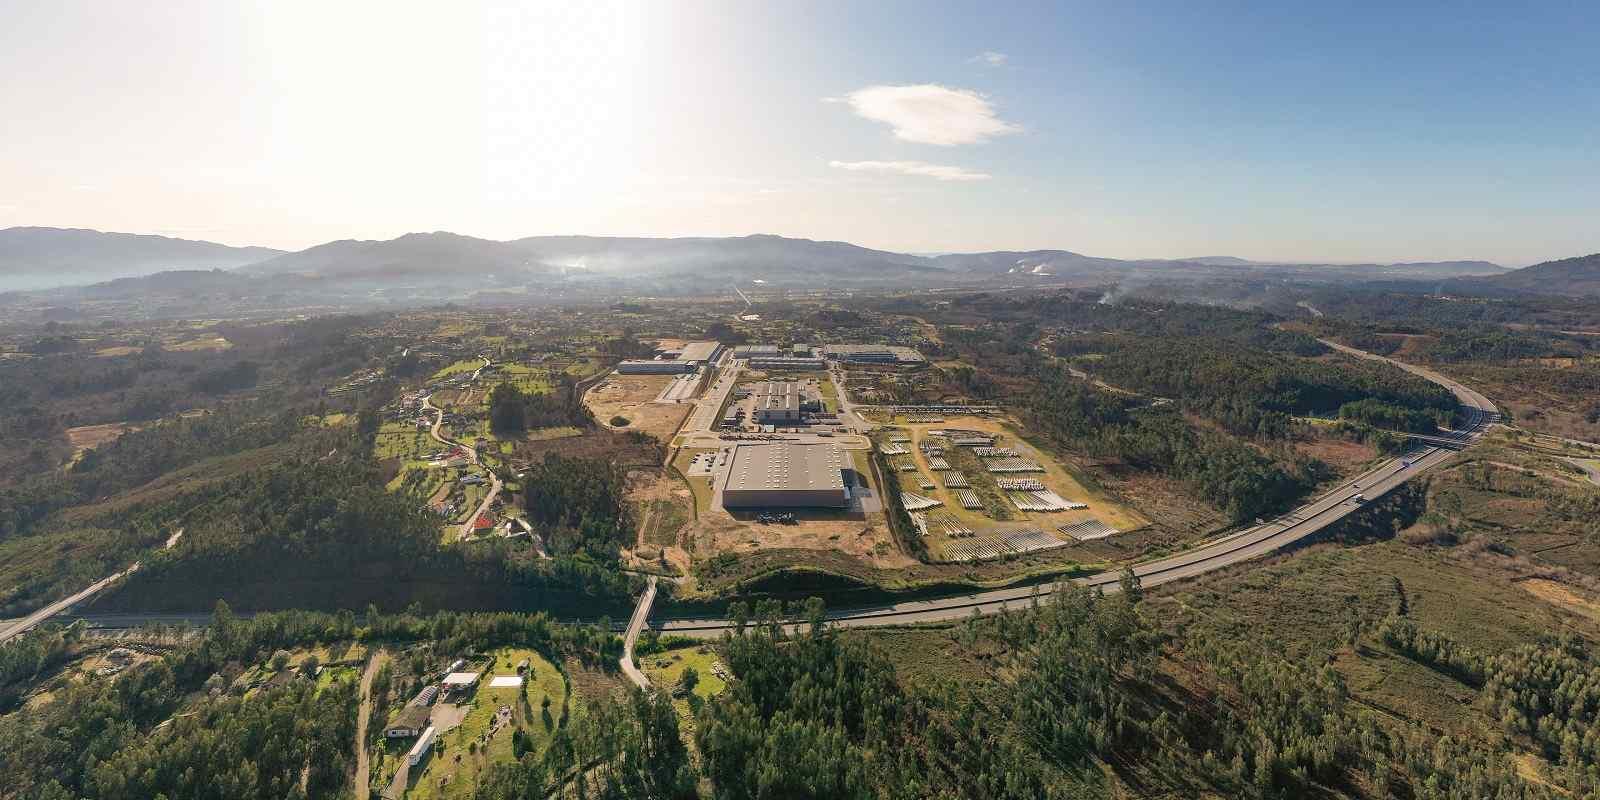 Investimento de 10 milhões de euros para nova fase do parque empresarial de Lanheses